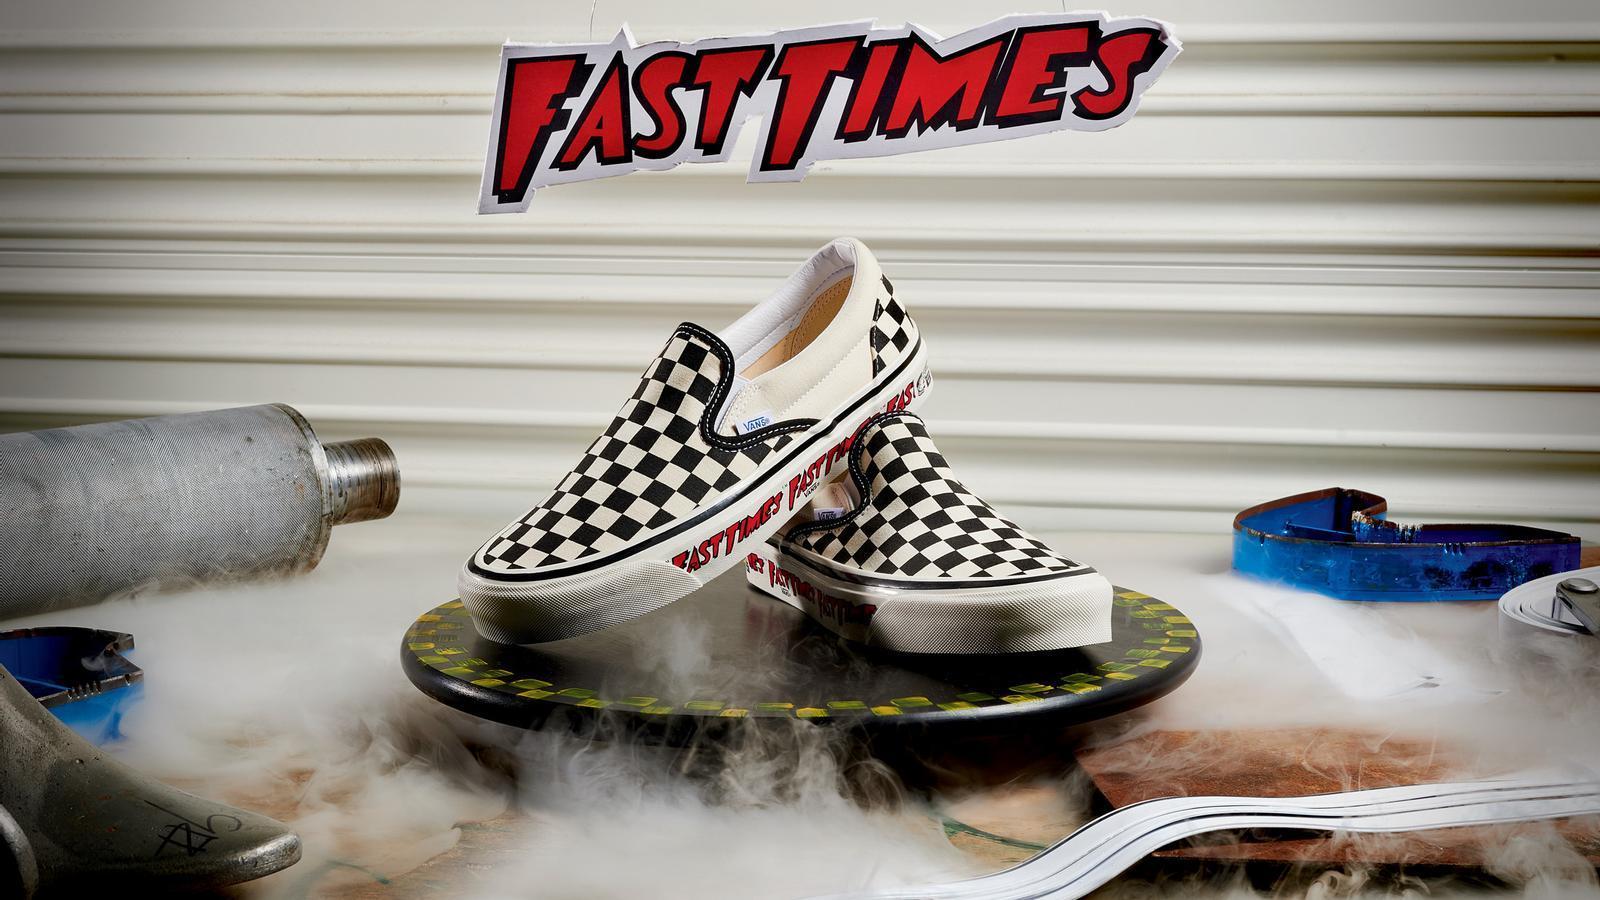 Les Fast Times slip-on de Vans